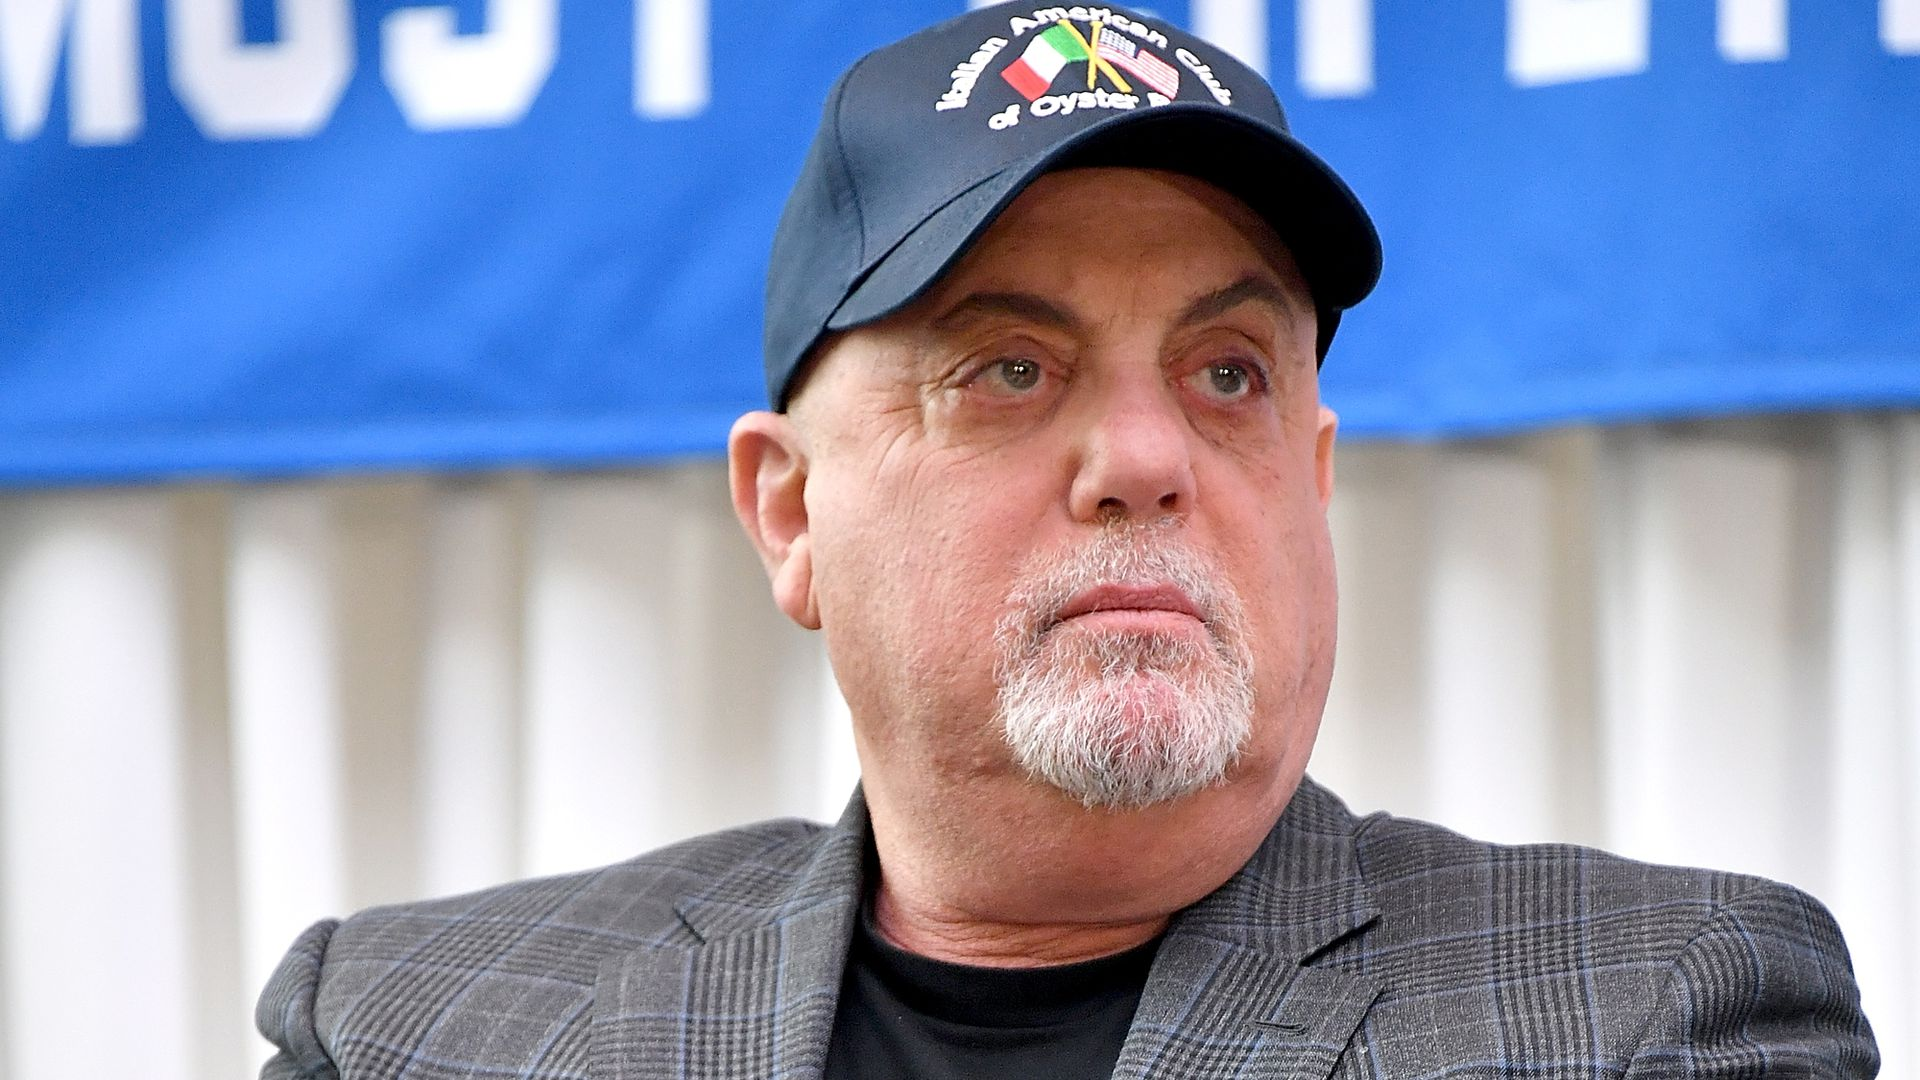 Sänger Billy Joel Wird Für Unfall Vor Konzert Verklagt